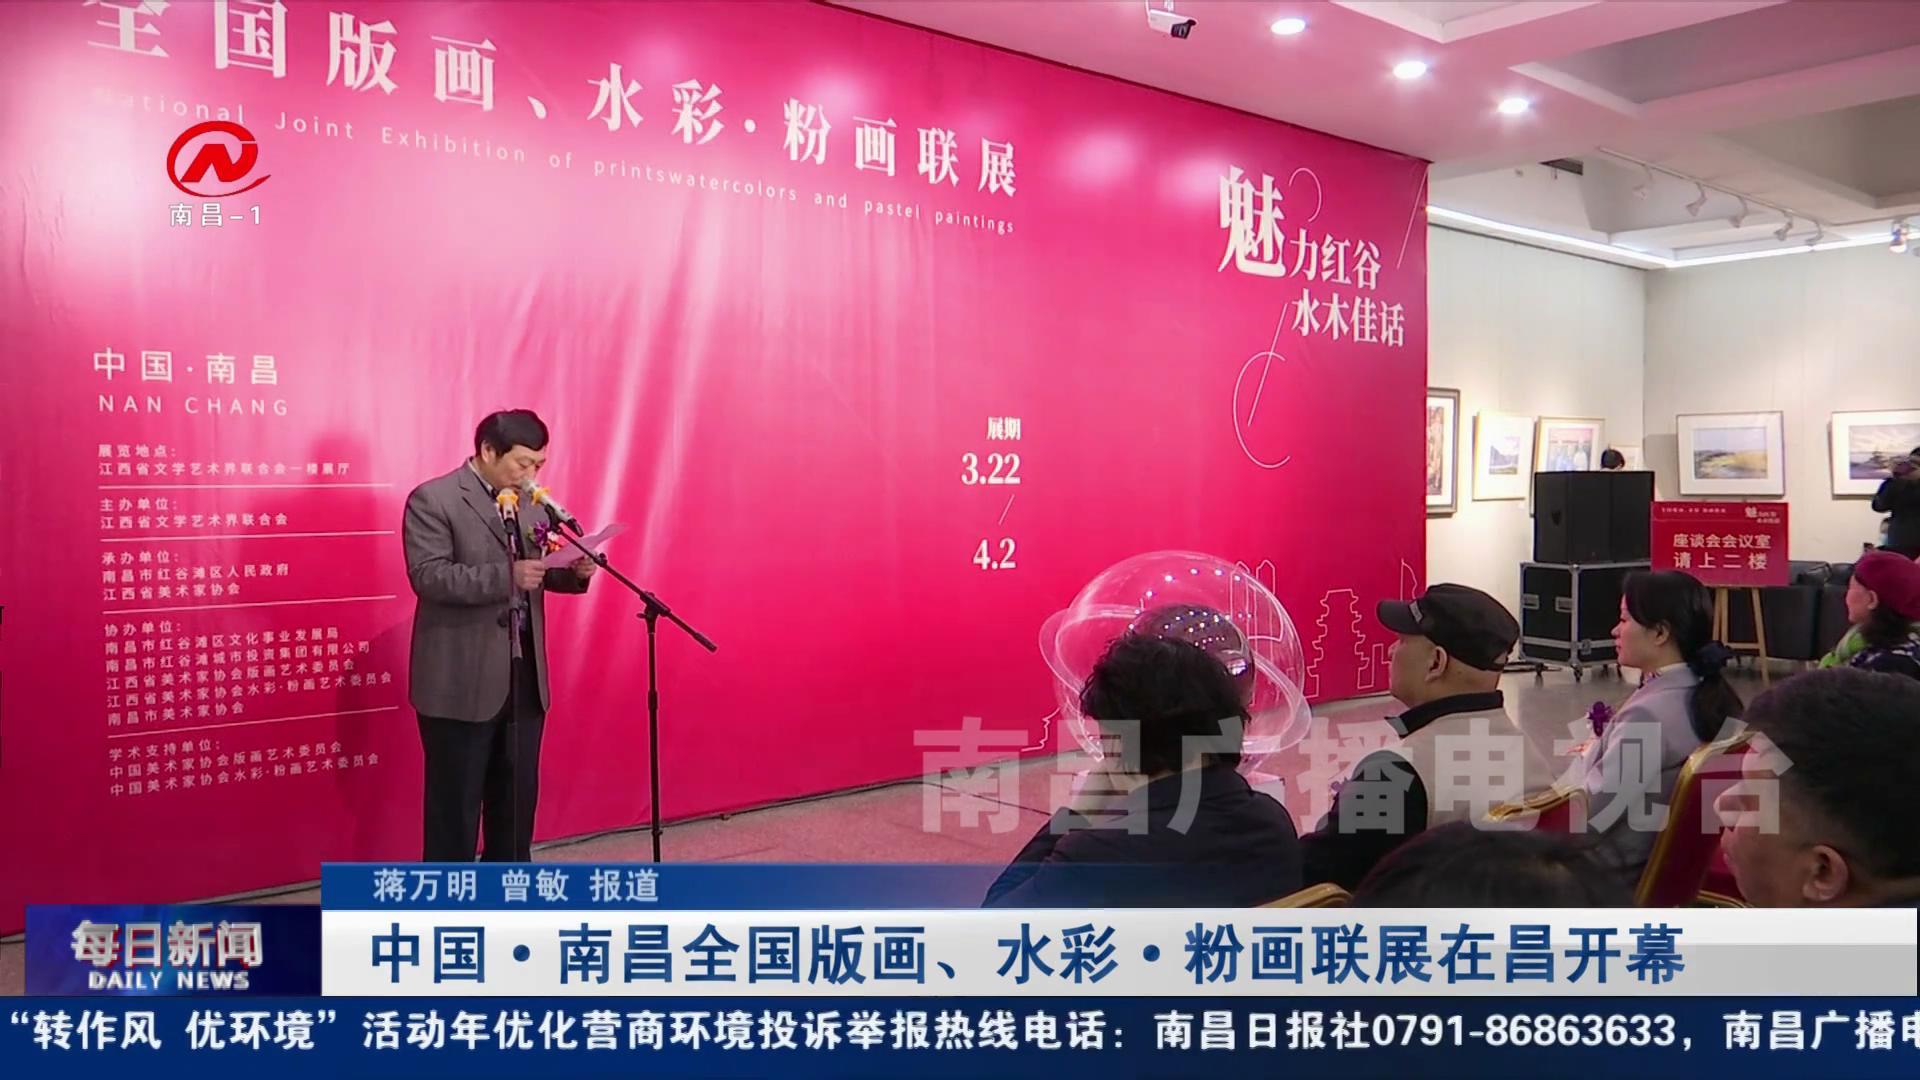 中國·南昌全國版畫、水彩·粉畫聯展在昌開幕